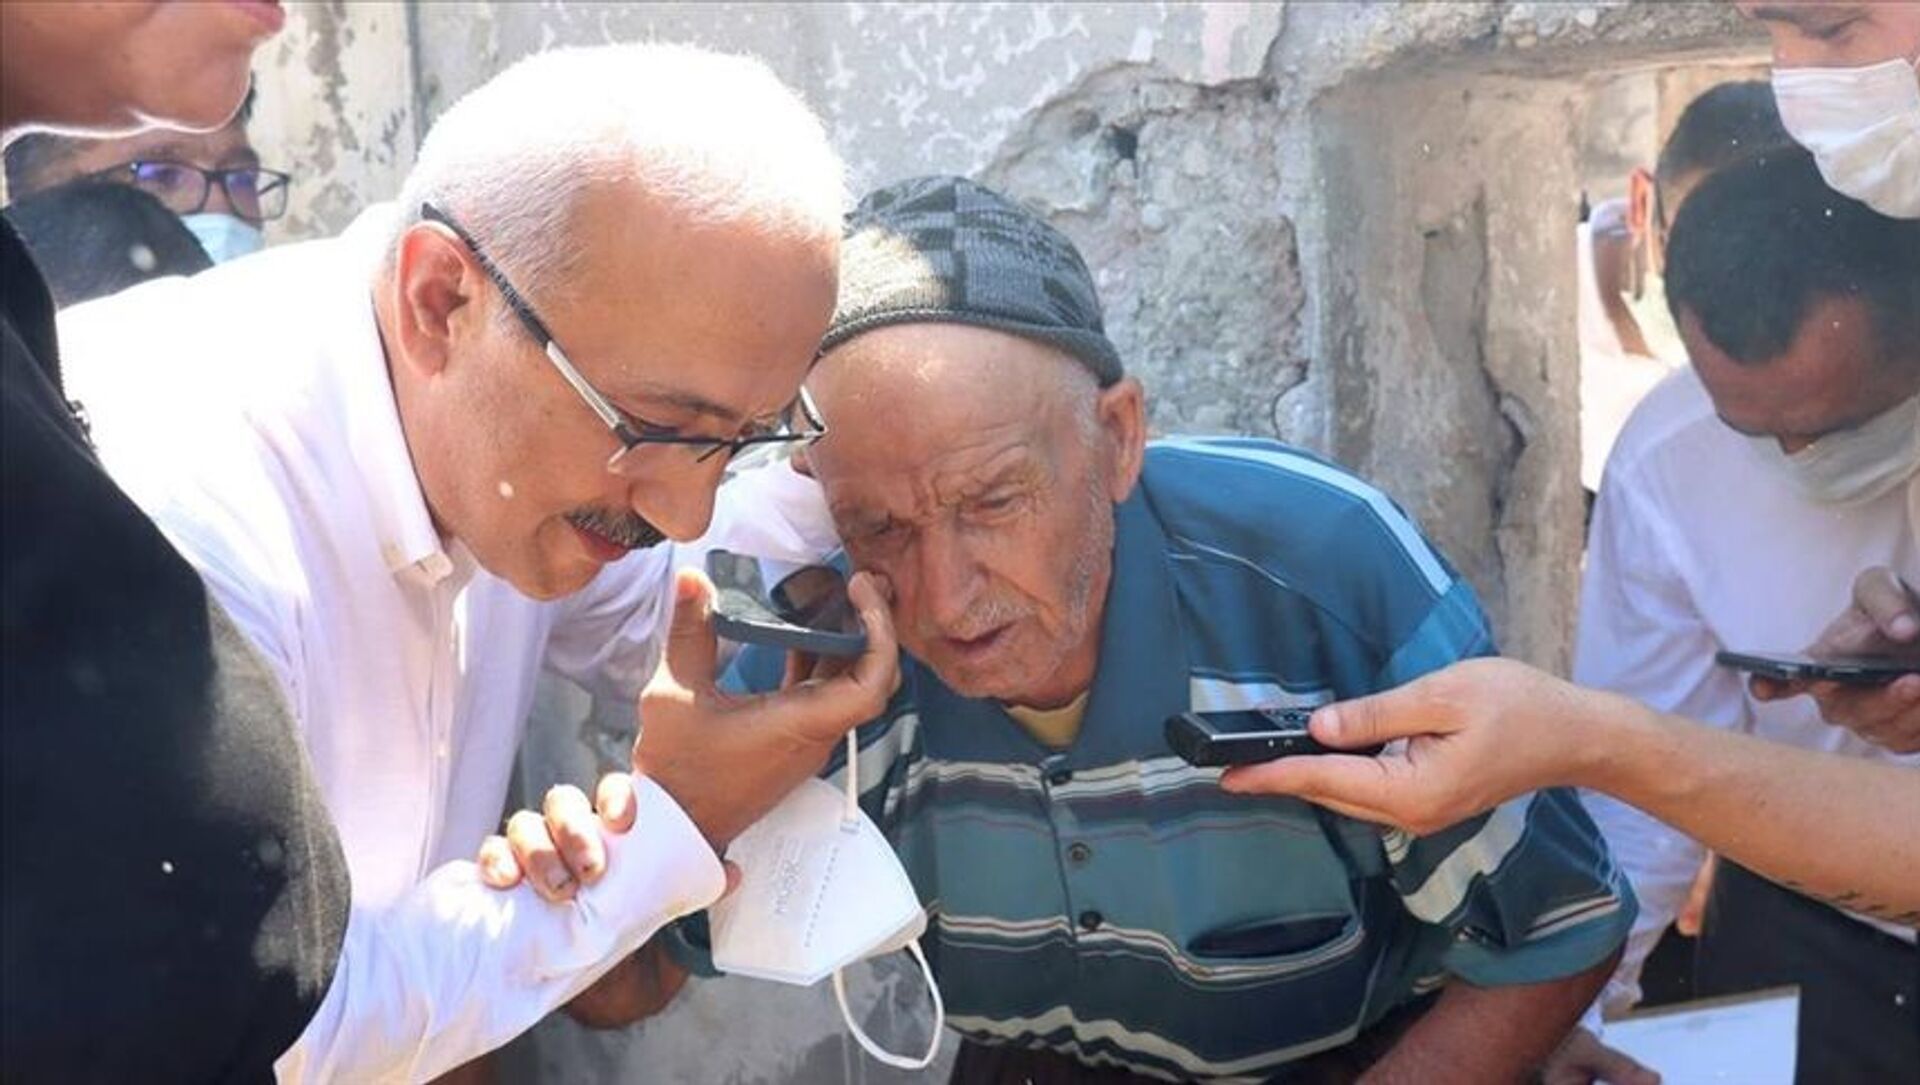 Cumhurbaşkanı Erdoğan Mersin'deki orman yangınında evi zarar gören yaşlı kişiyle telefonda görüştü - Sputnik Türkiye, 1920, 02.08.2021